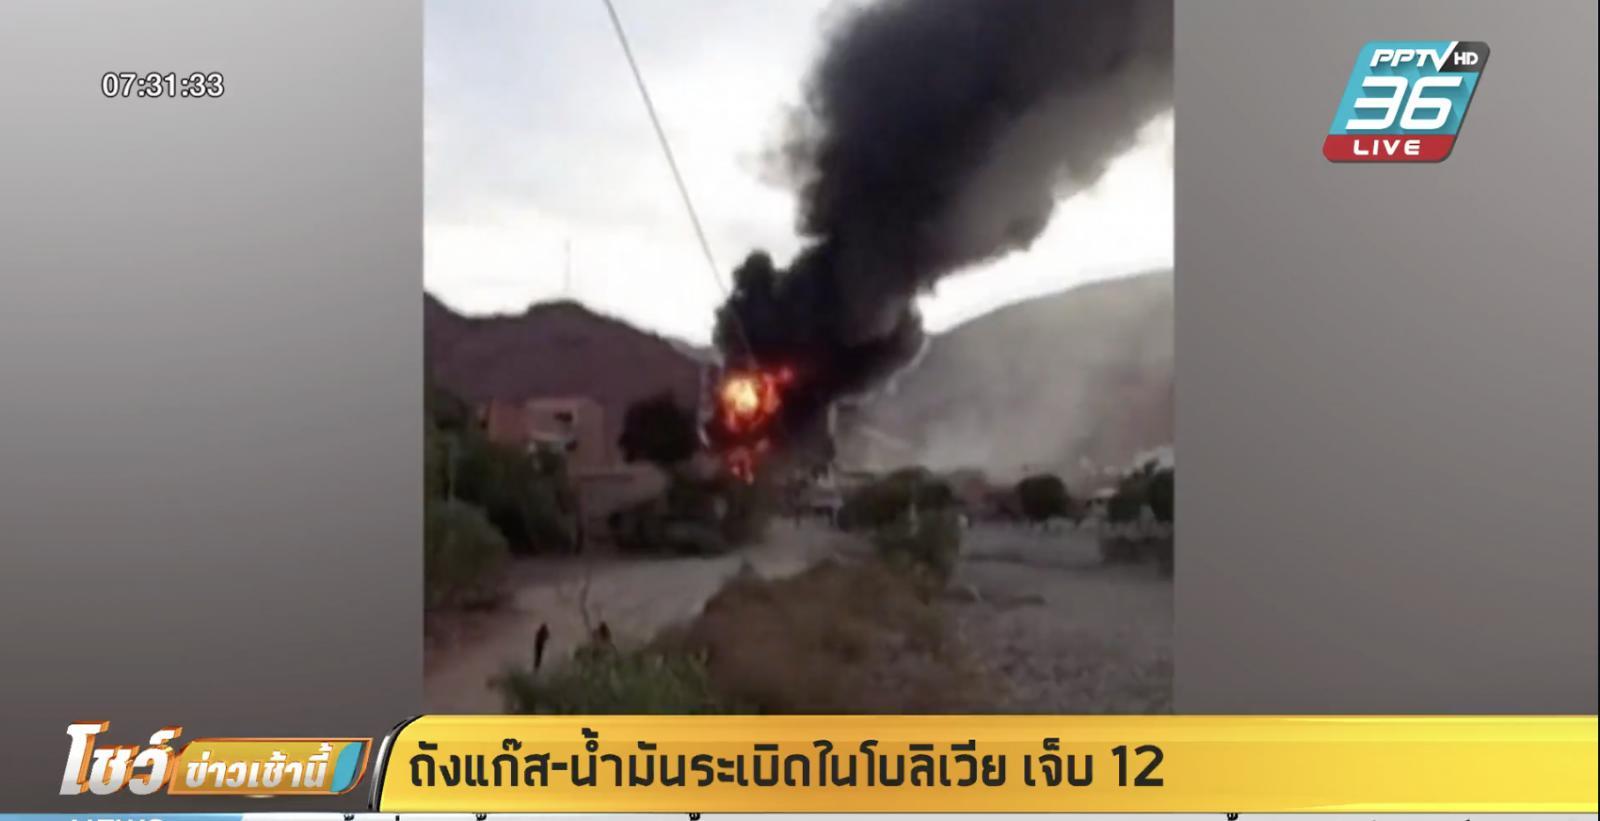 ถังแก๊ส-น้ำมันระเบิดในโบลิเวีย เจ็บ 12 ราย